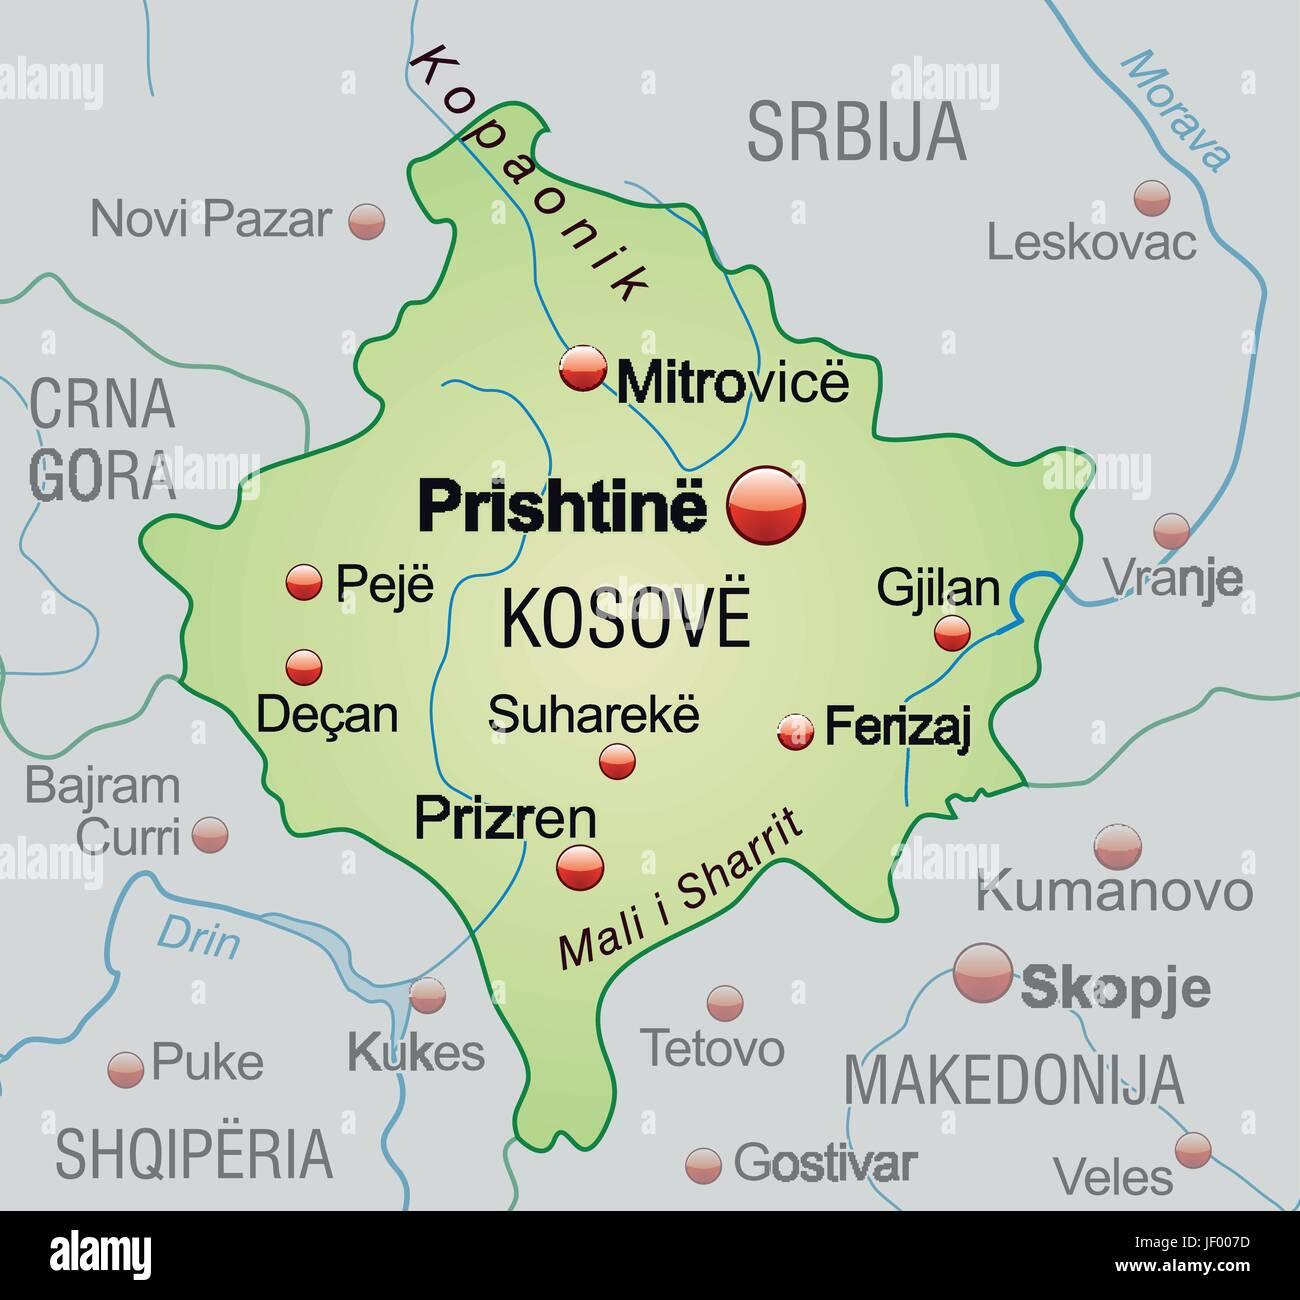 Border card synopsis borders kosovo atlas map of the world border card synopsis borders kosovo atlas map of the world map gumiabroncs Images